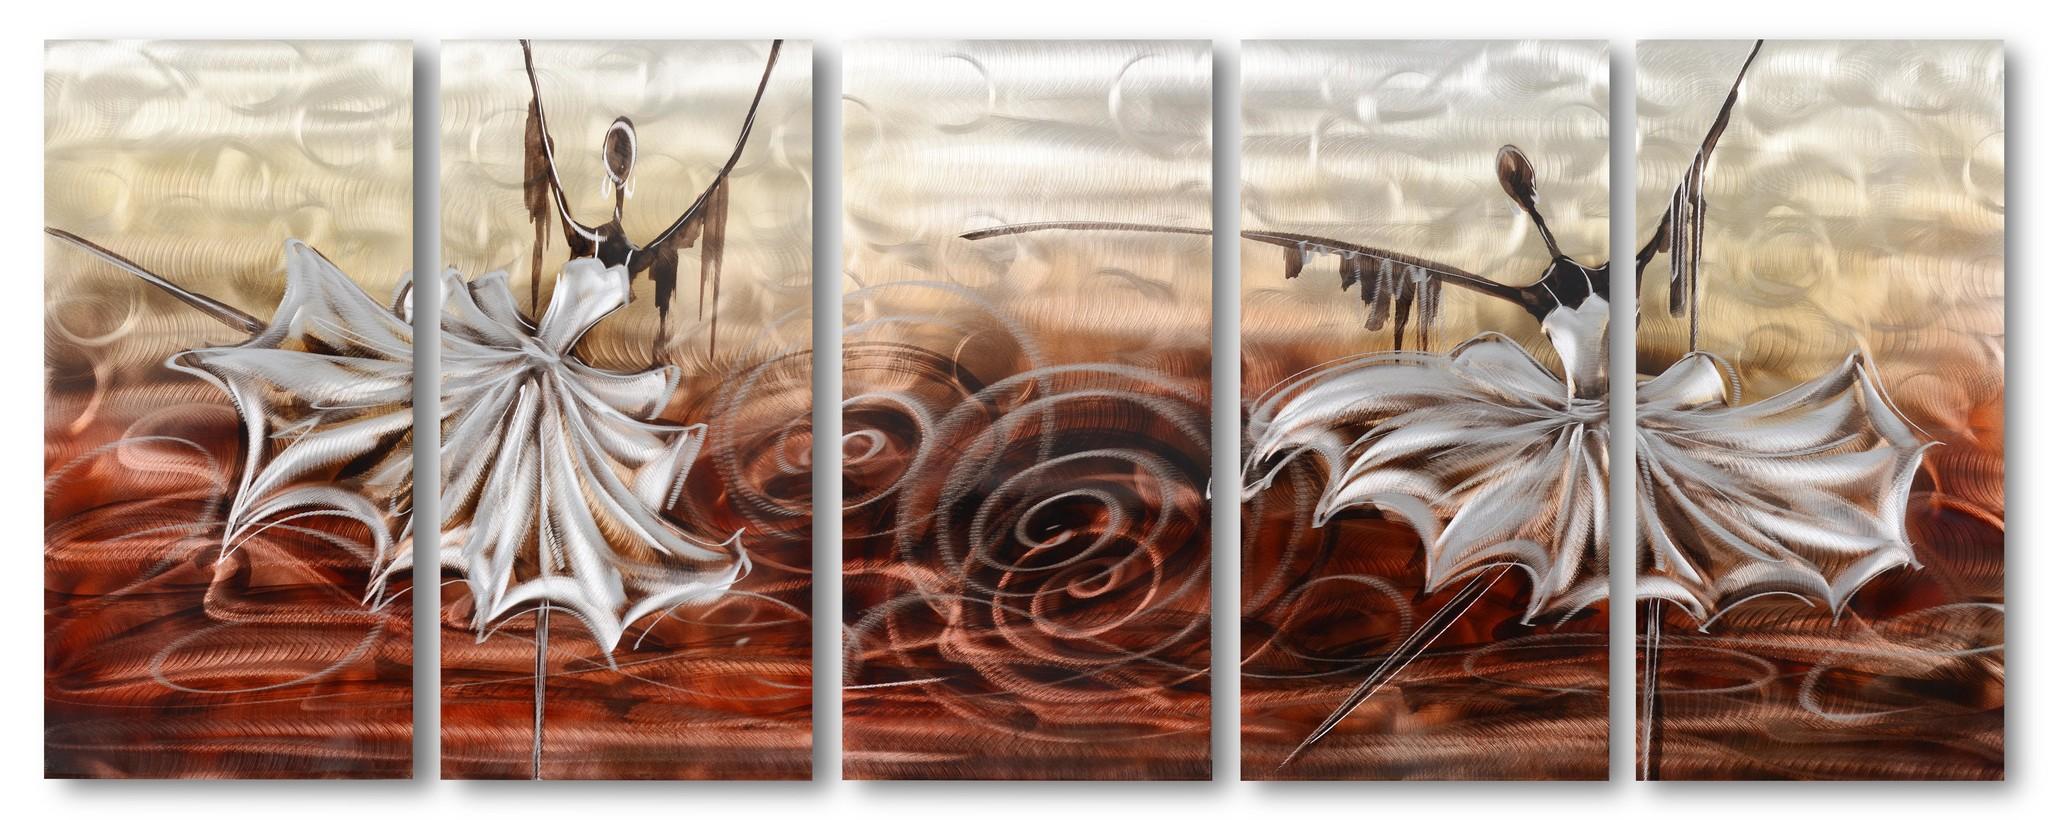 Bemalung von Tänzern aus Aluminium mit fünf Platten 60x150cm